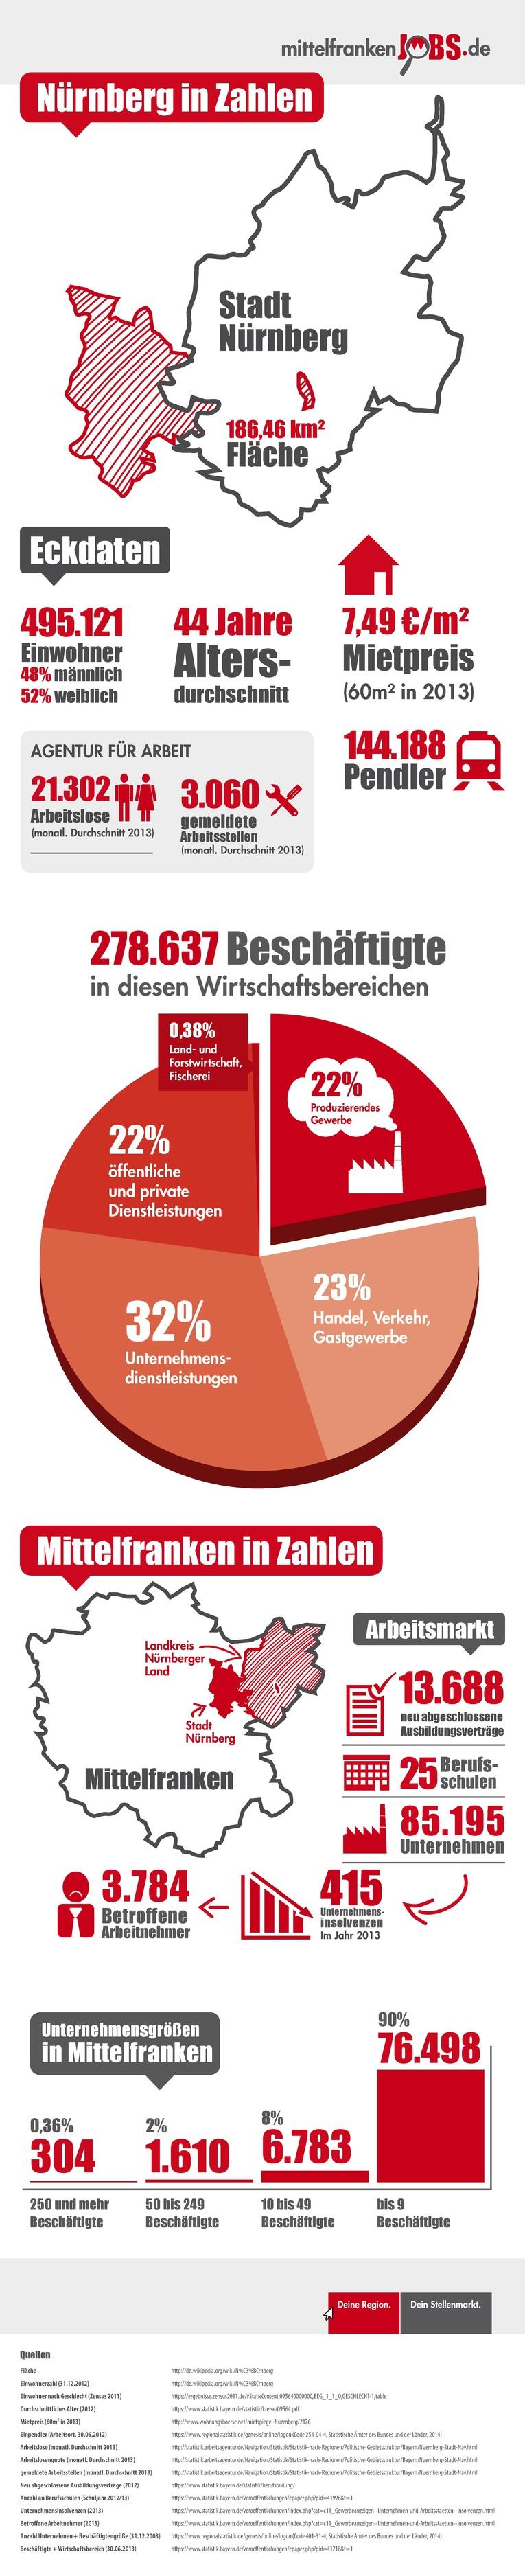 Infografik Nürnberg